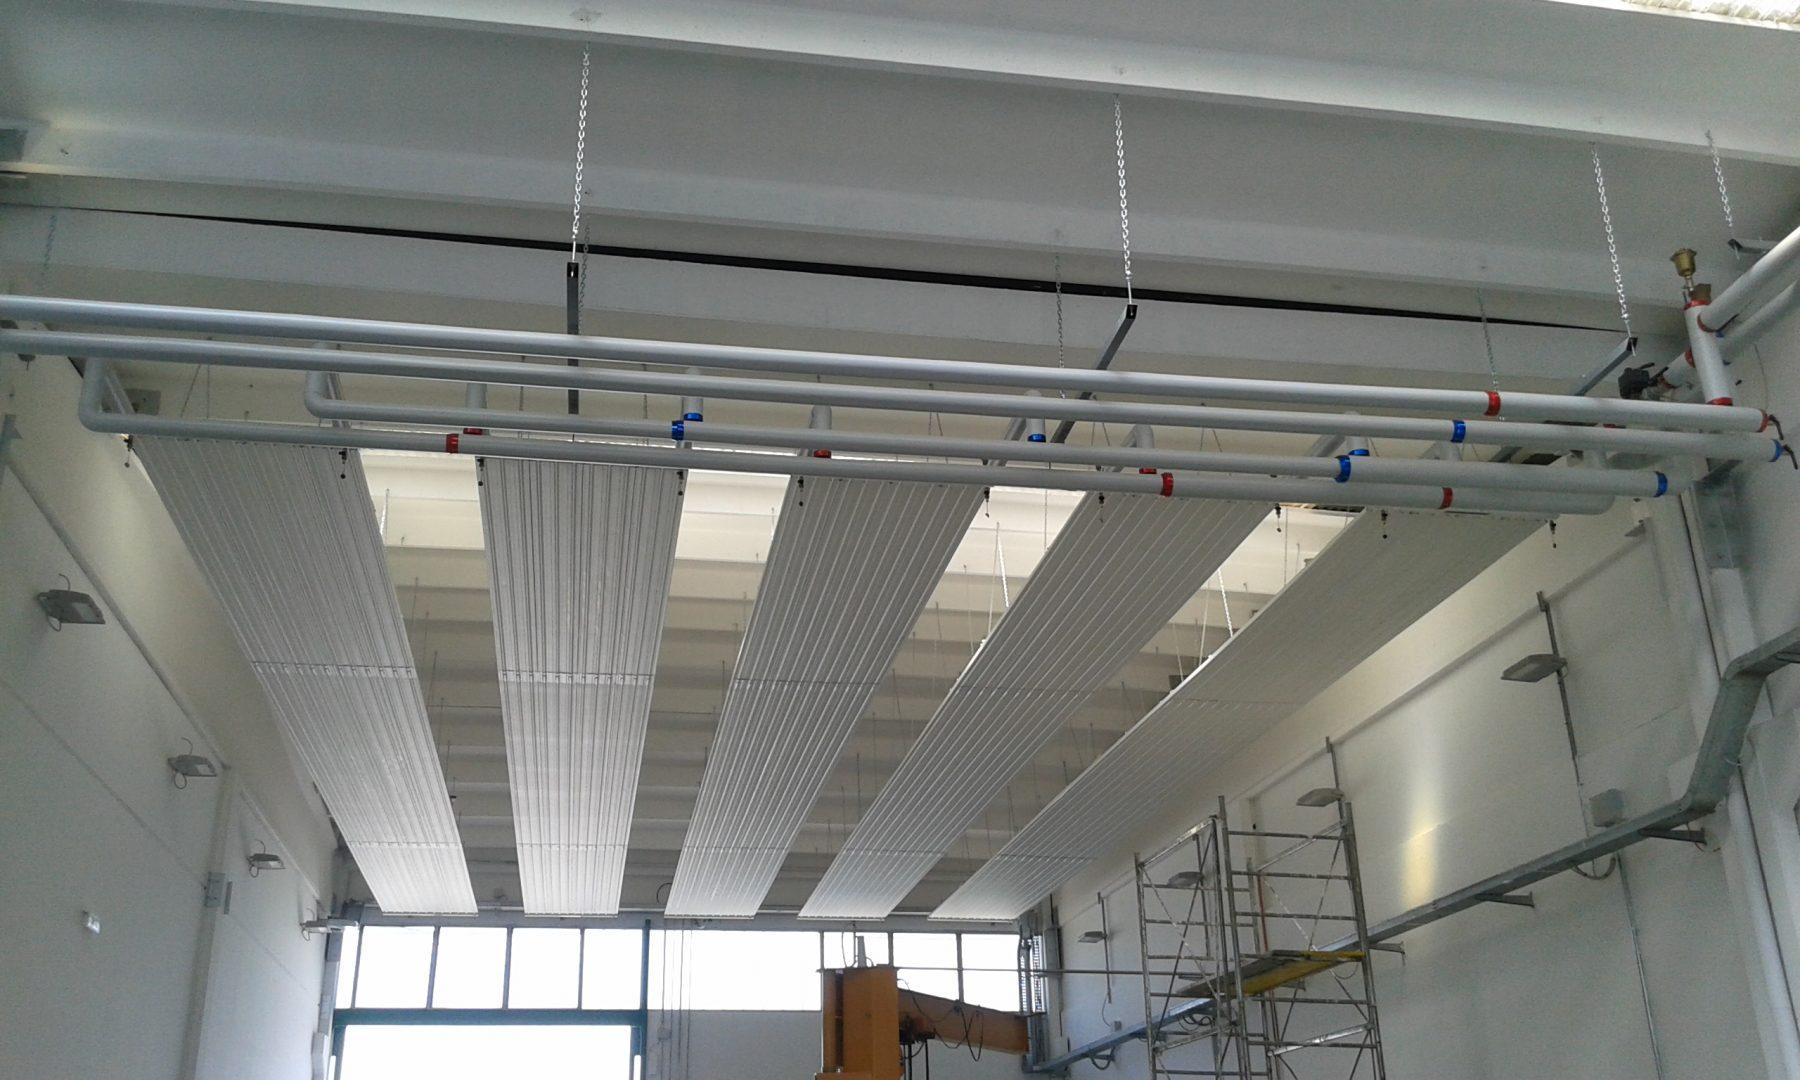 Ristrutturazione impianto termico in capannone artigianale